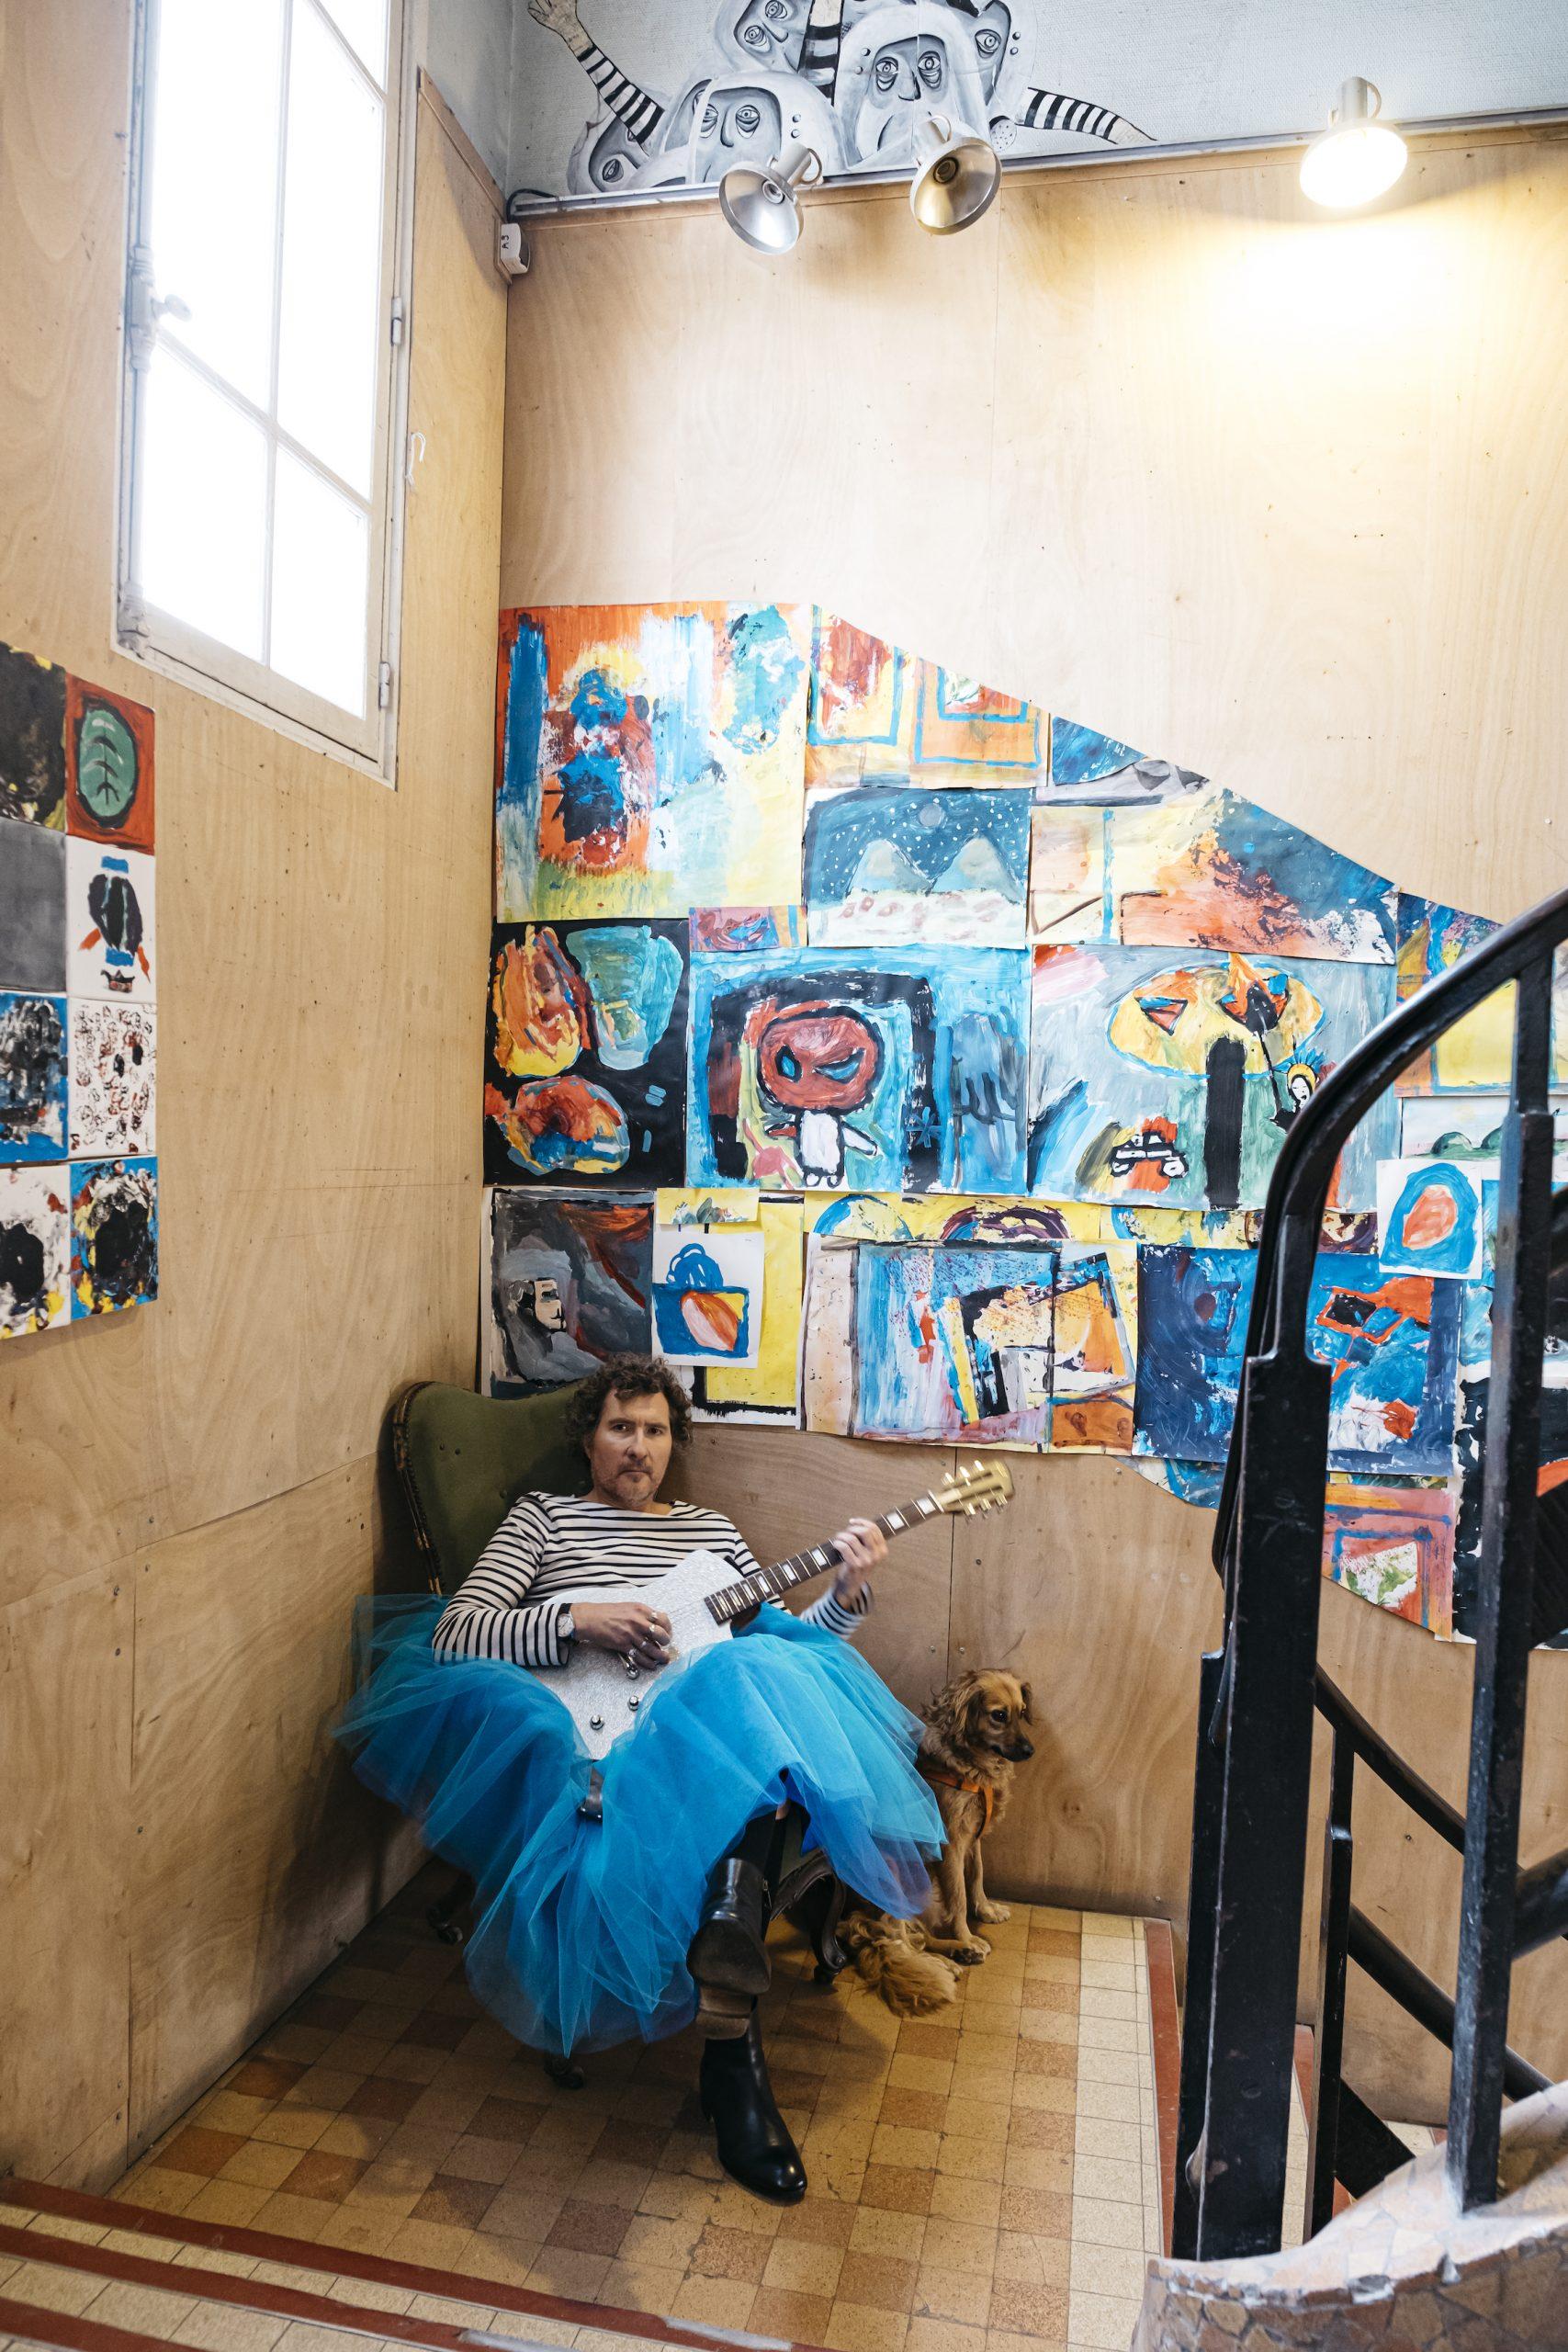 MARTINMARTIN prise de vue DOM SECHER (HANS LUCAS) dans l'escalier Empire du Shakiraï à Paris. Près du pont bleu, avec son tutu bleu ! Et sa Lou Juniore de Tony Girault.